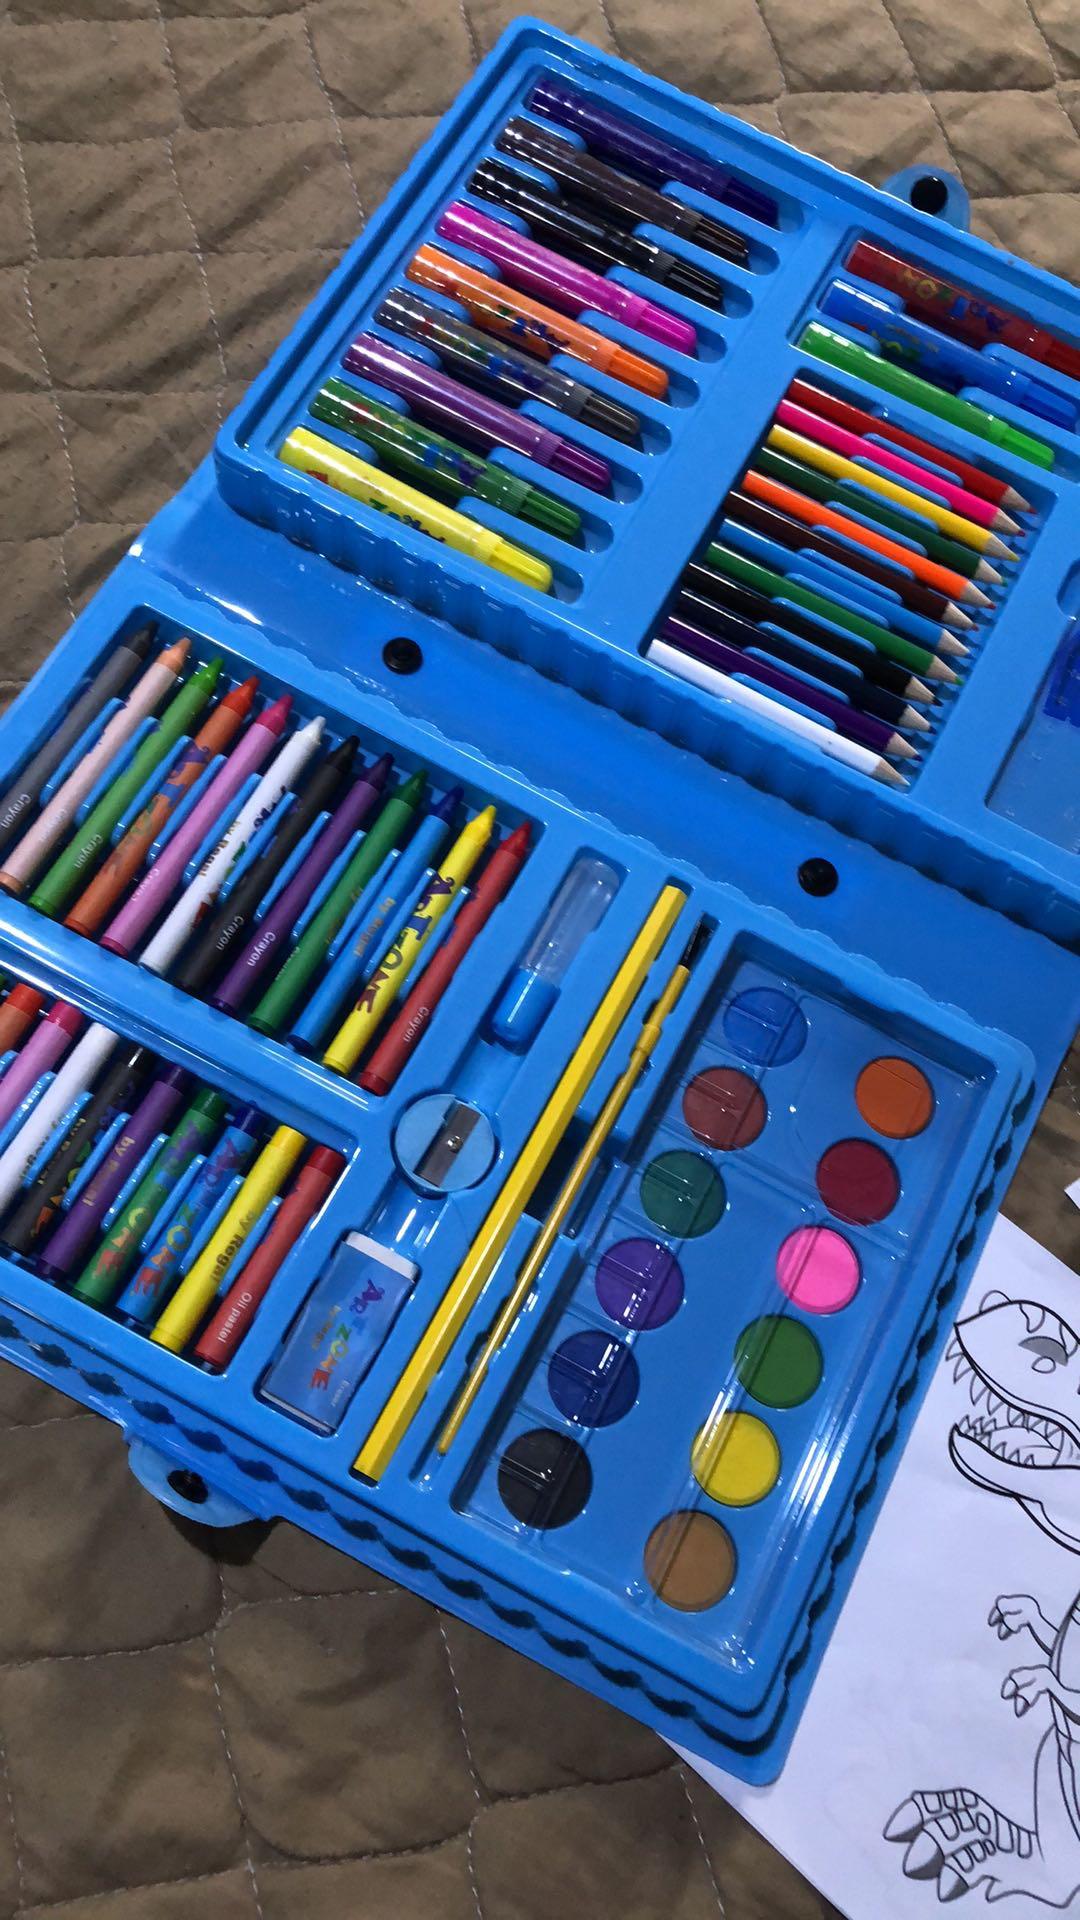 Estojos Maleta De Pintura Infantil Com Canetinhas Giz e Lápis! Mais Desenhos Para Colorir!